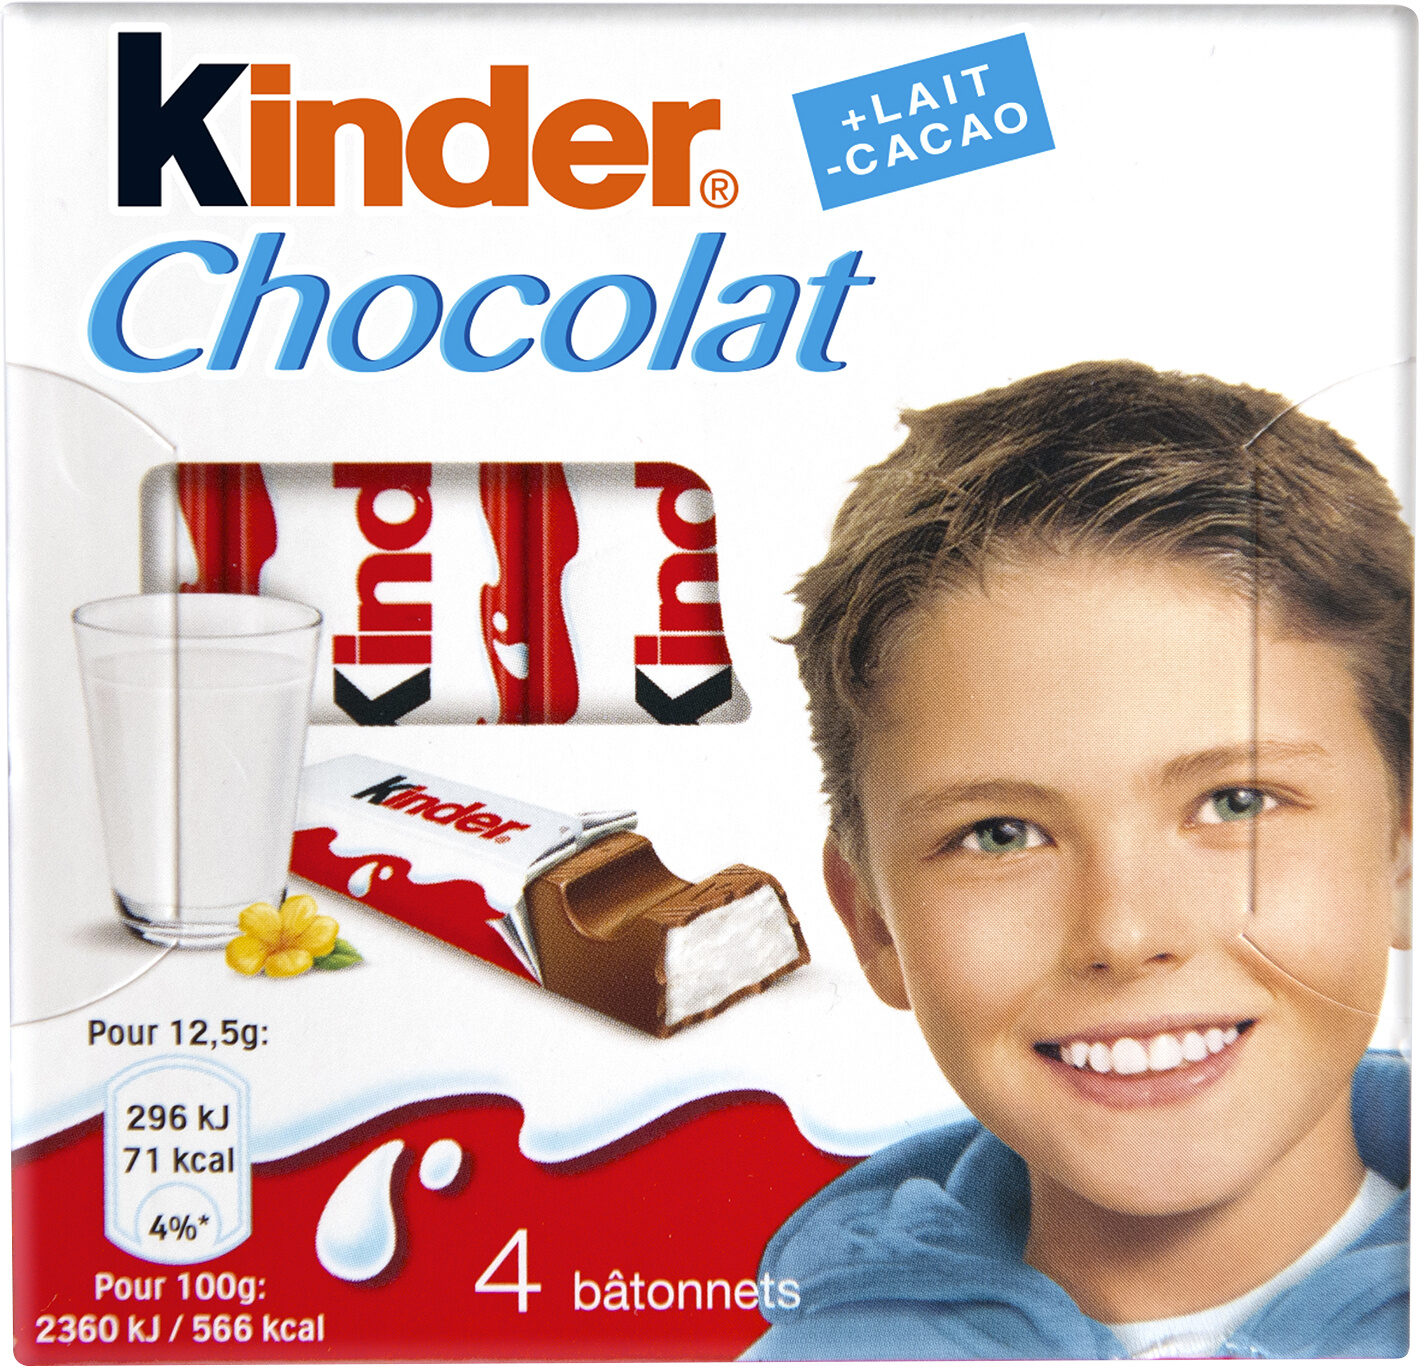 Kinder chocolat - chocolat au lait avec fourrage au lait 4 barres - Produit - fr